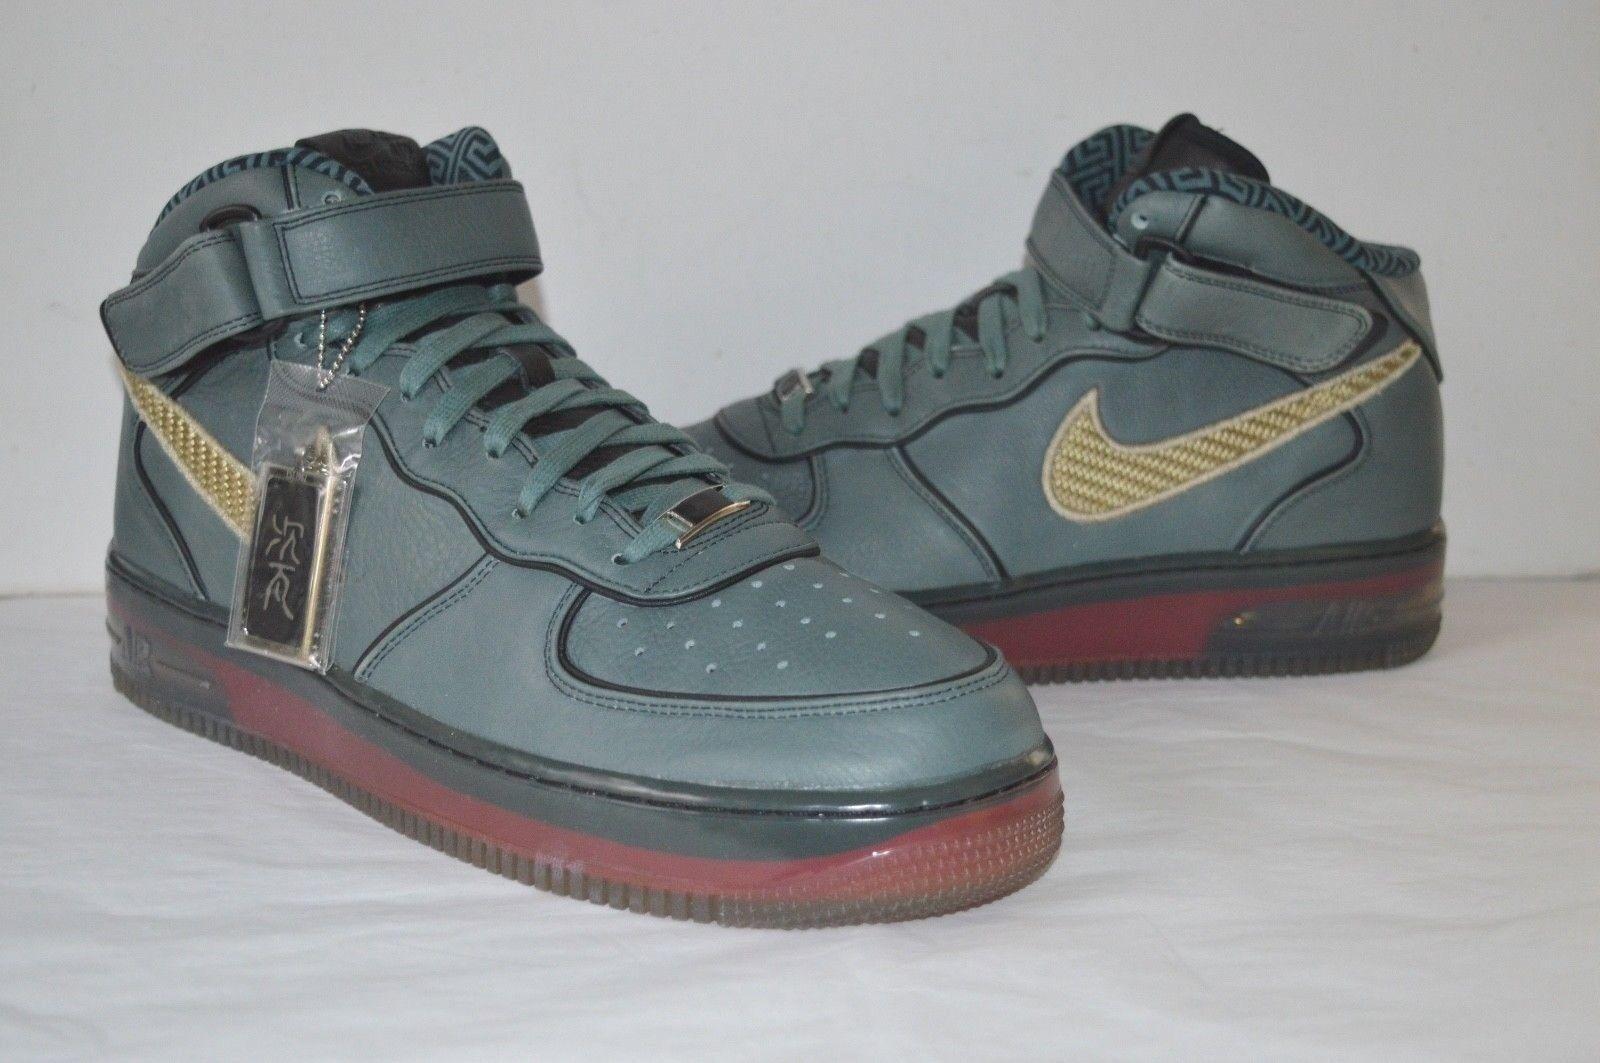 Supreme 2007 China Xxv Love Air World One 1 Mid 12 Rare Force Nike Olivered rCxBodWEQe